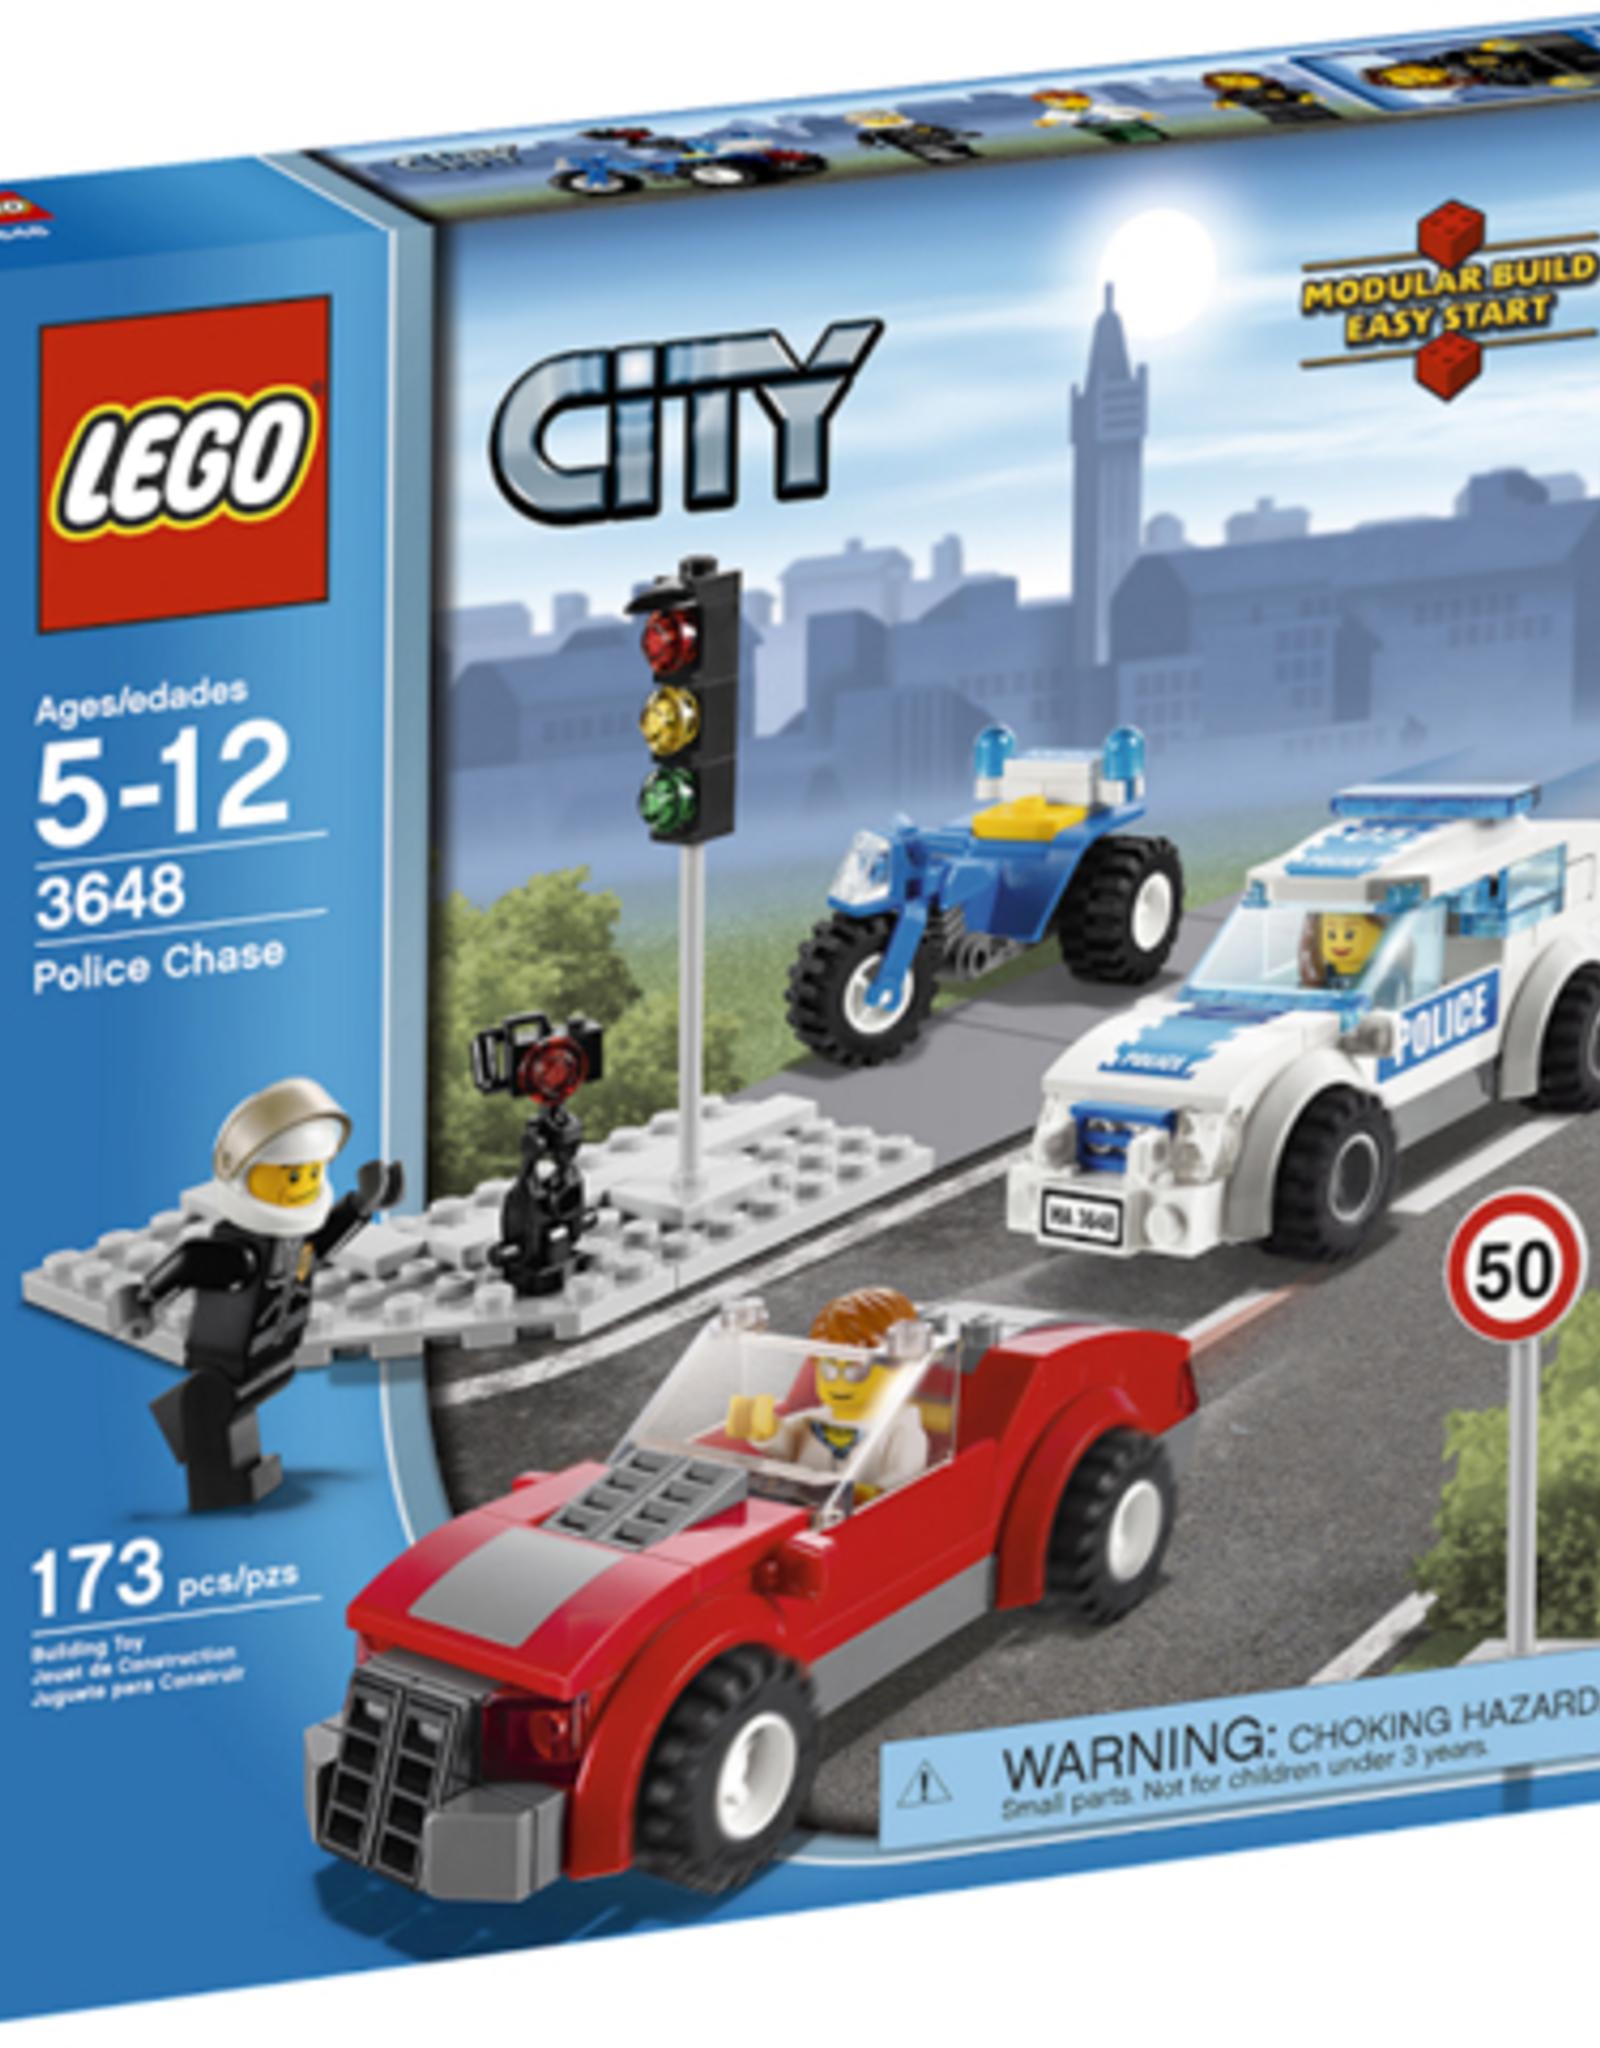 LEGO LEGO 3648 Police Chase CITY